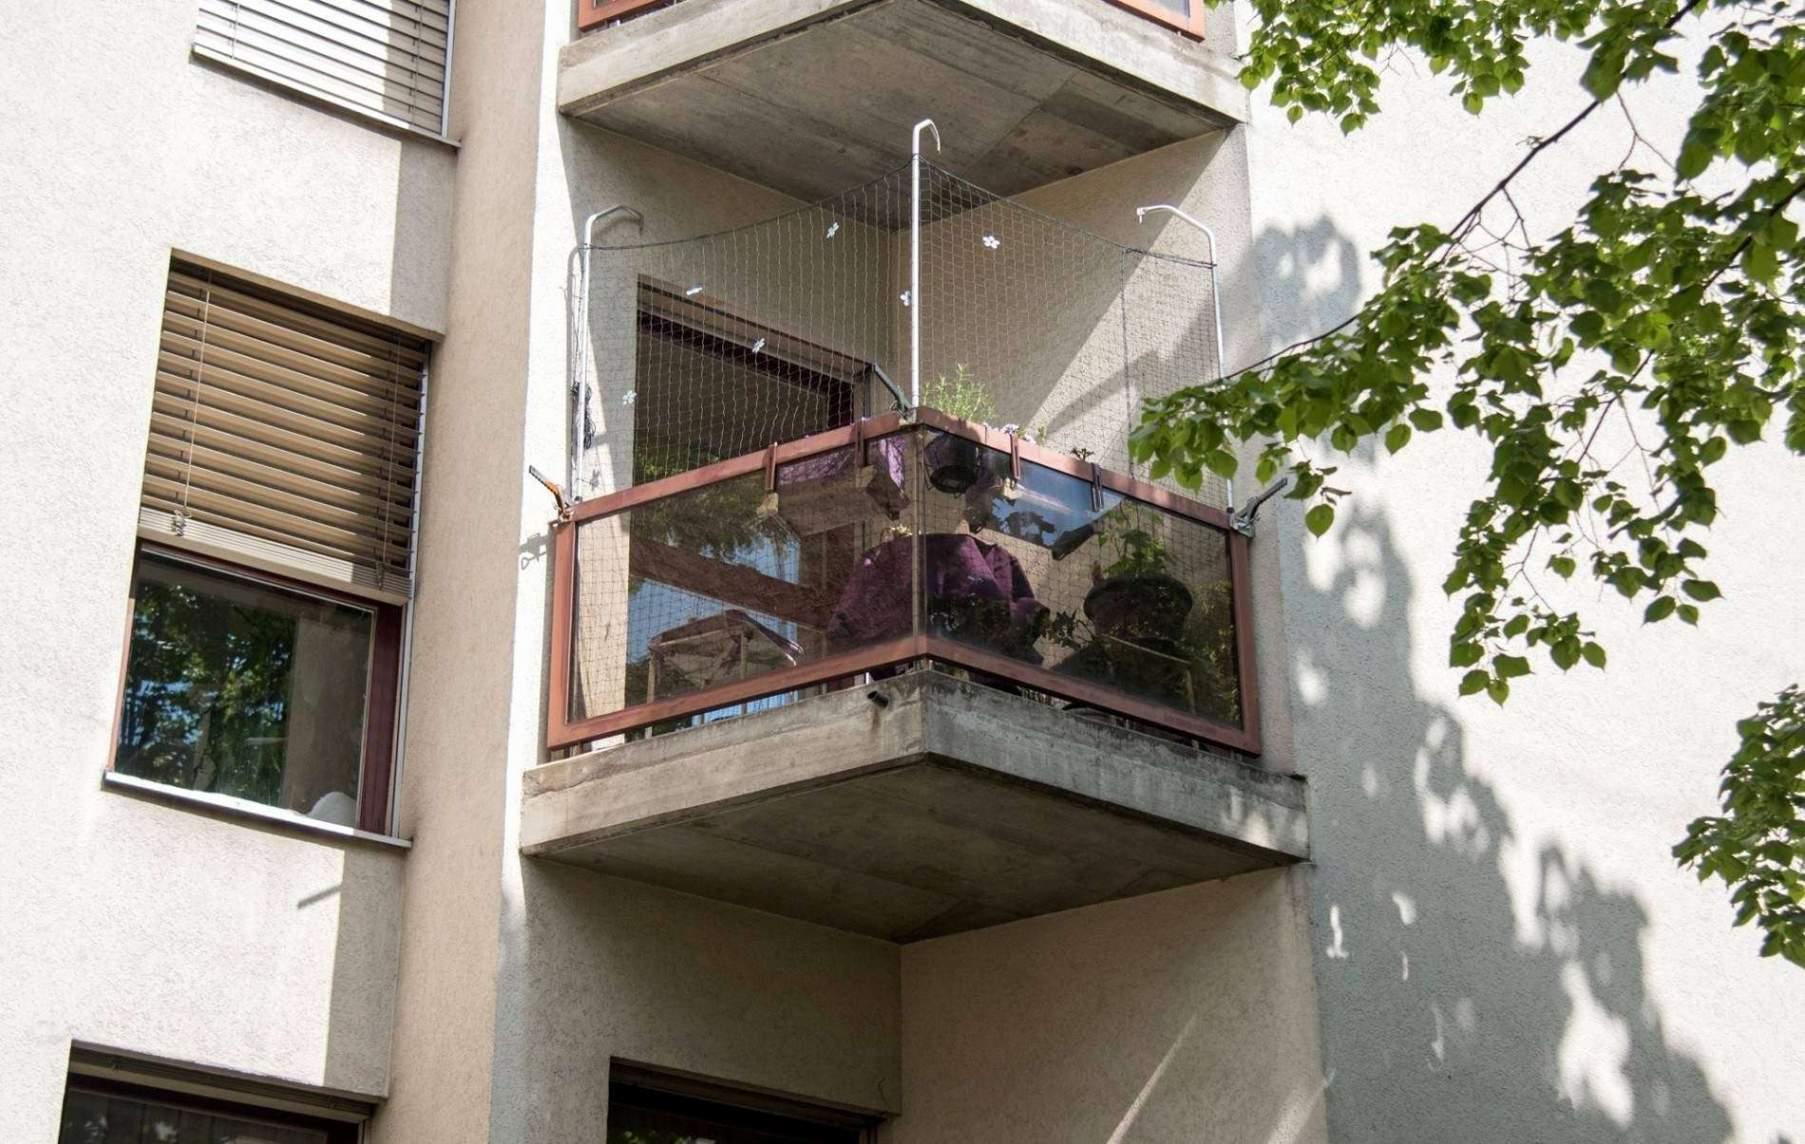 45 inspirierend blumen fur balkon bilder ideen fur kleinen balkon ideen fur kleinen balkon